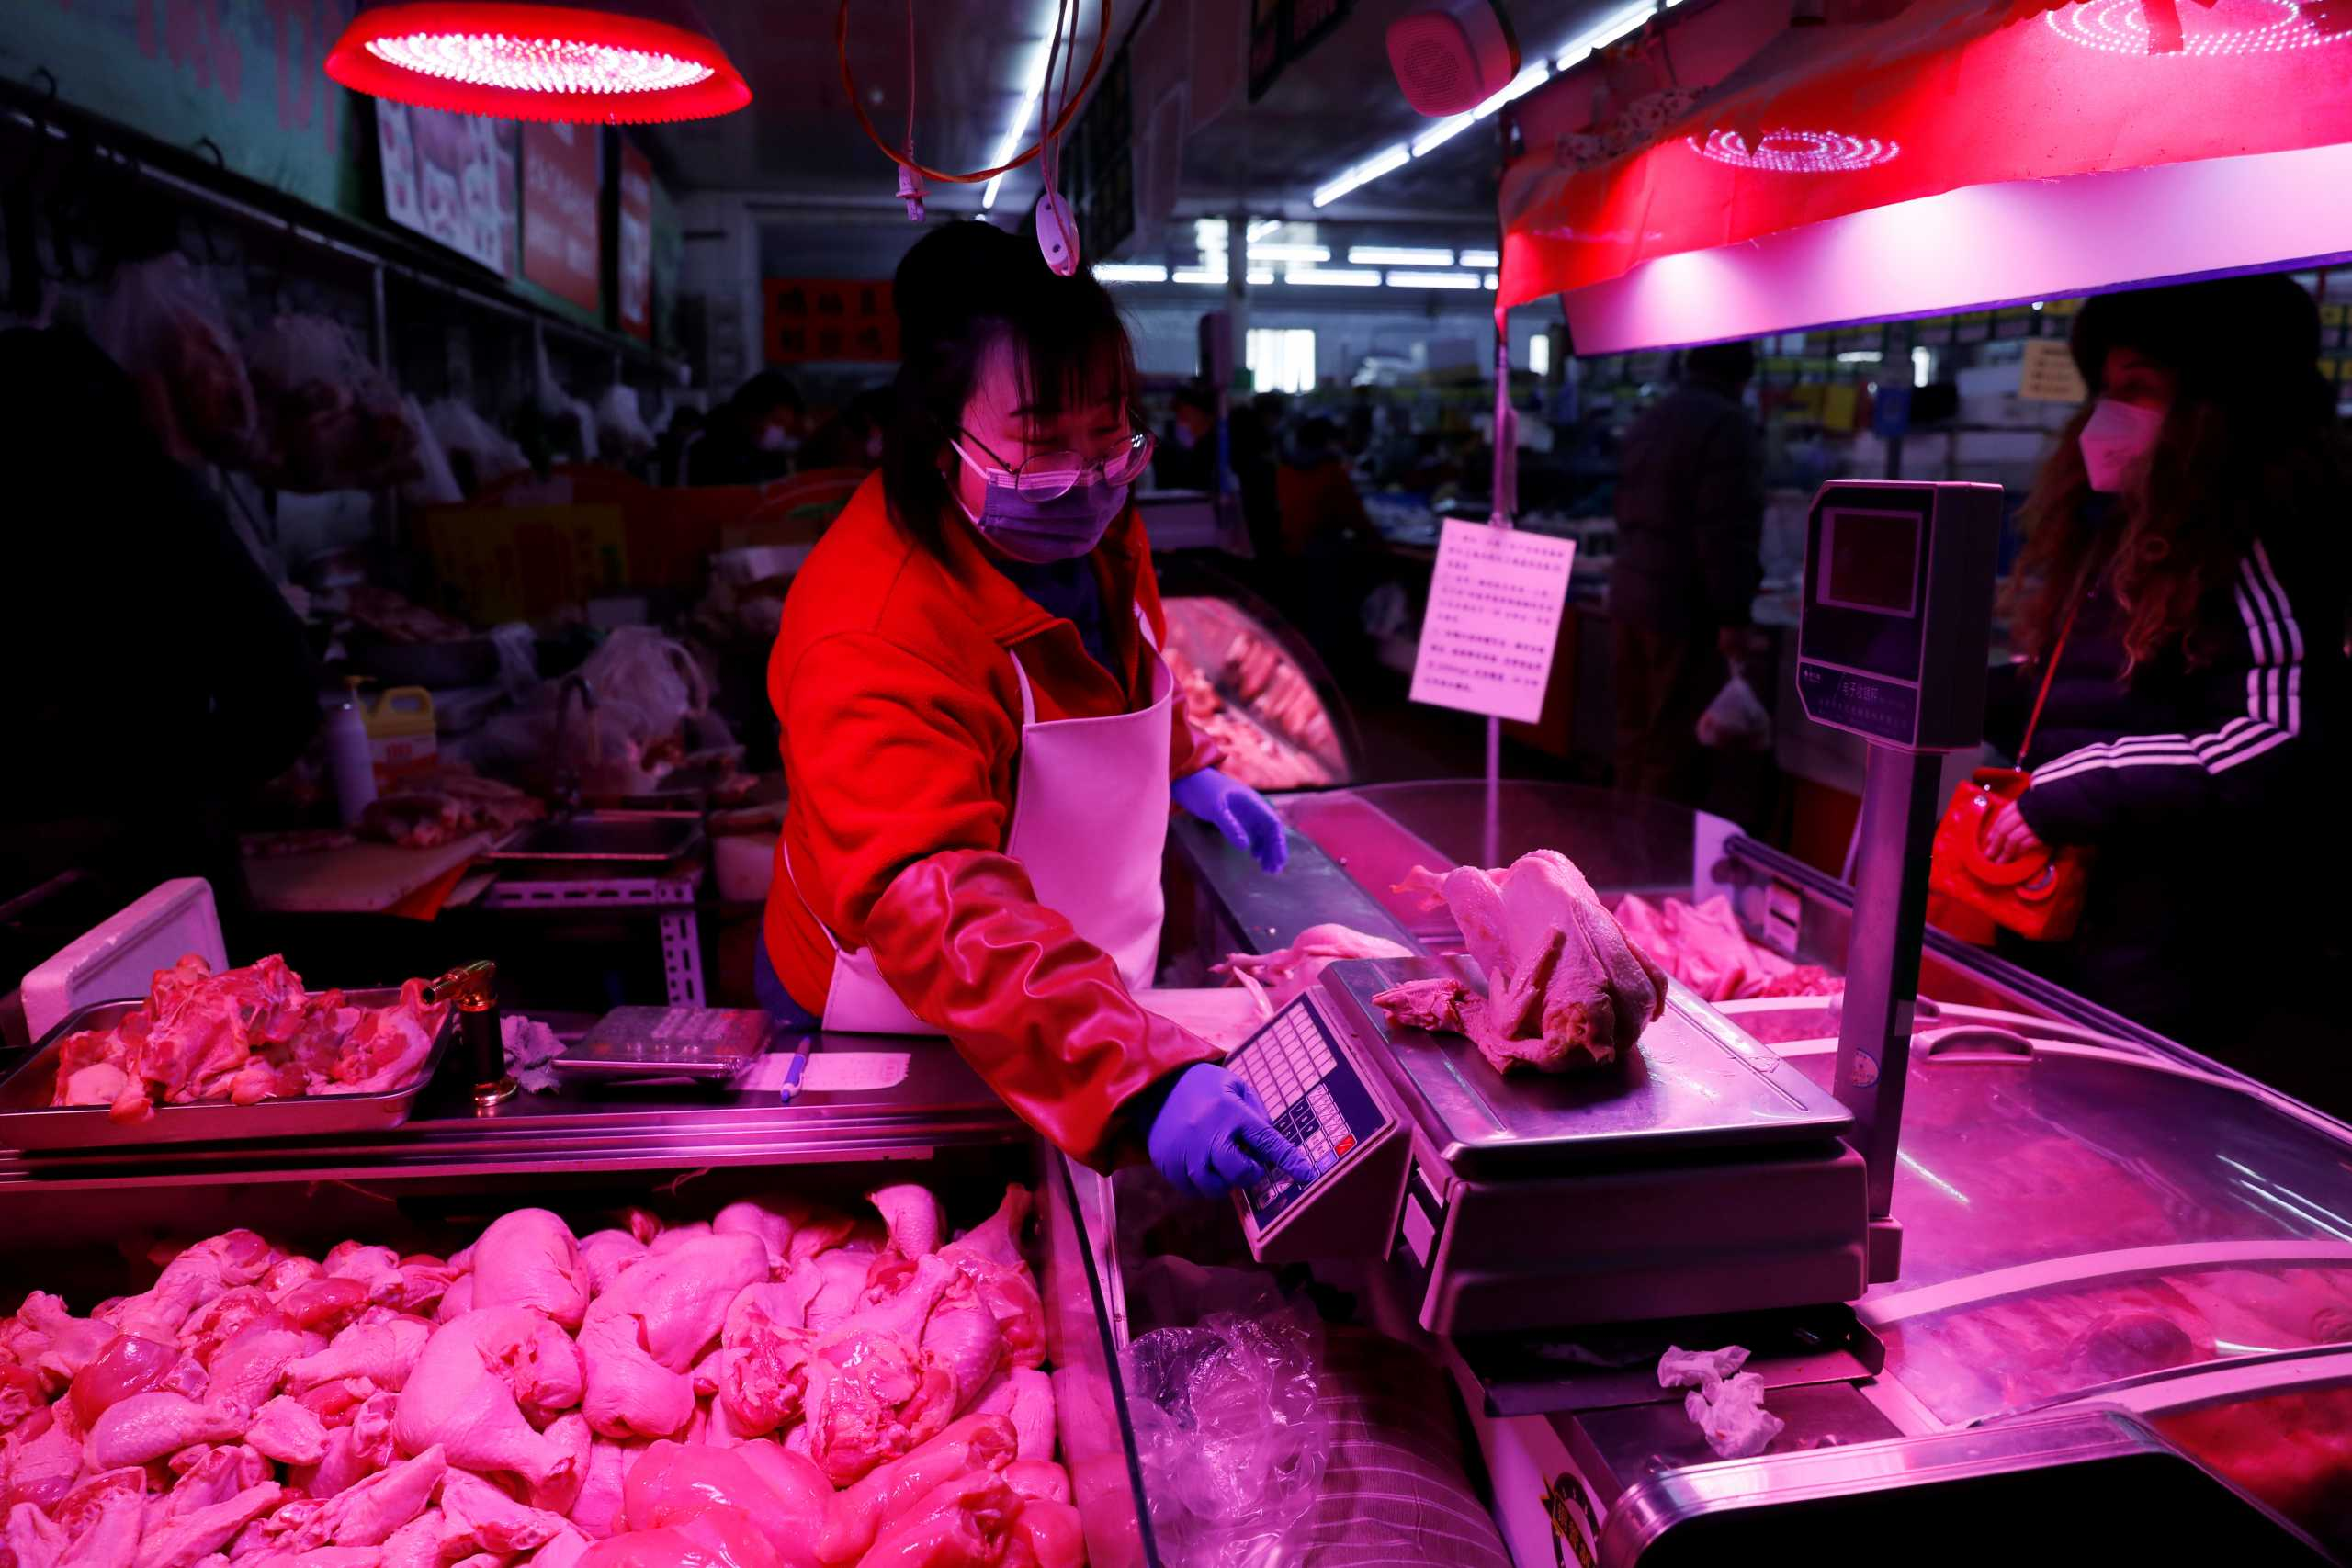 Κορονοϊός – Κίνα: Βρέθηκε εστία μόλυνσης σε εργοστάσιο επεξεργασίας κρέατος